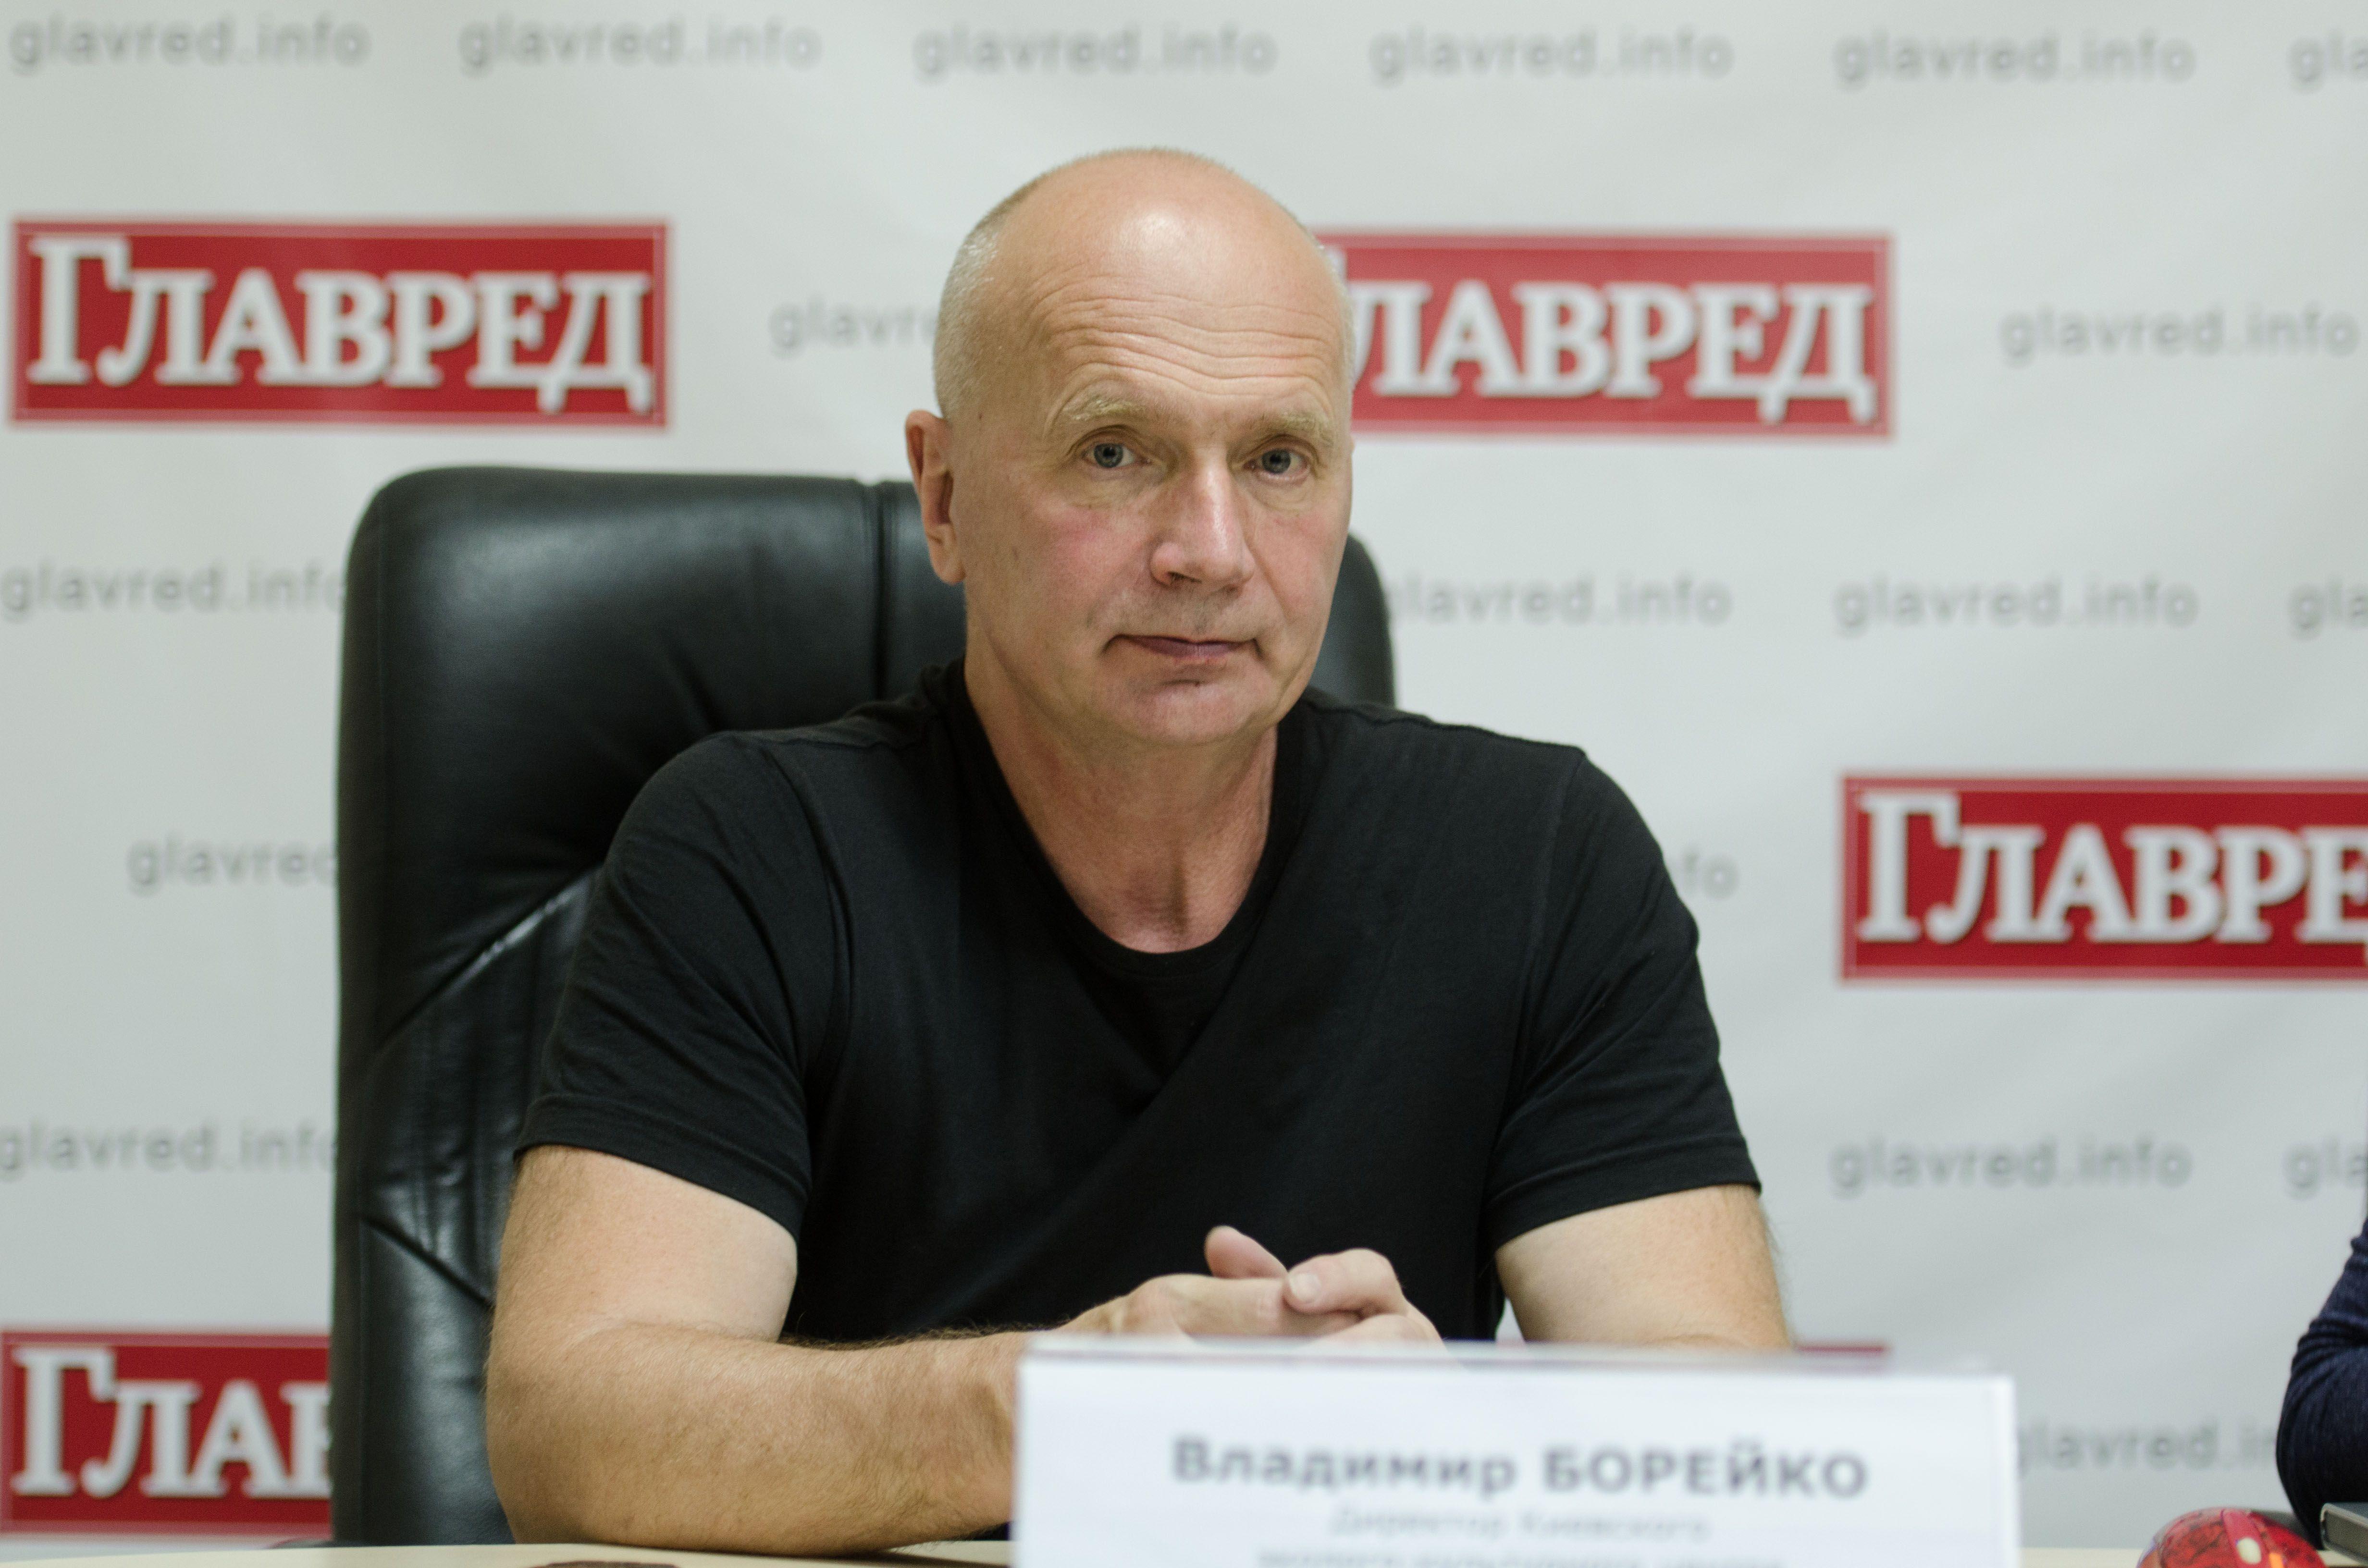 Борейко обеспокоен состоянием киевской дамбы